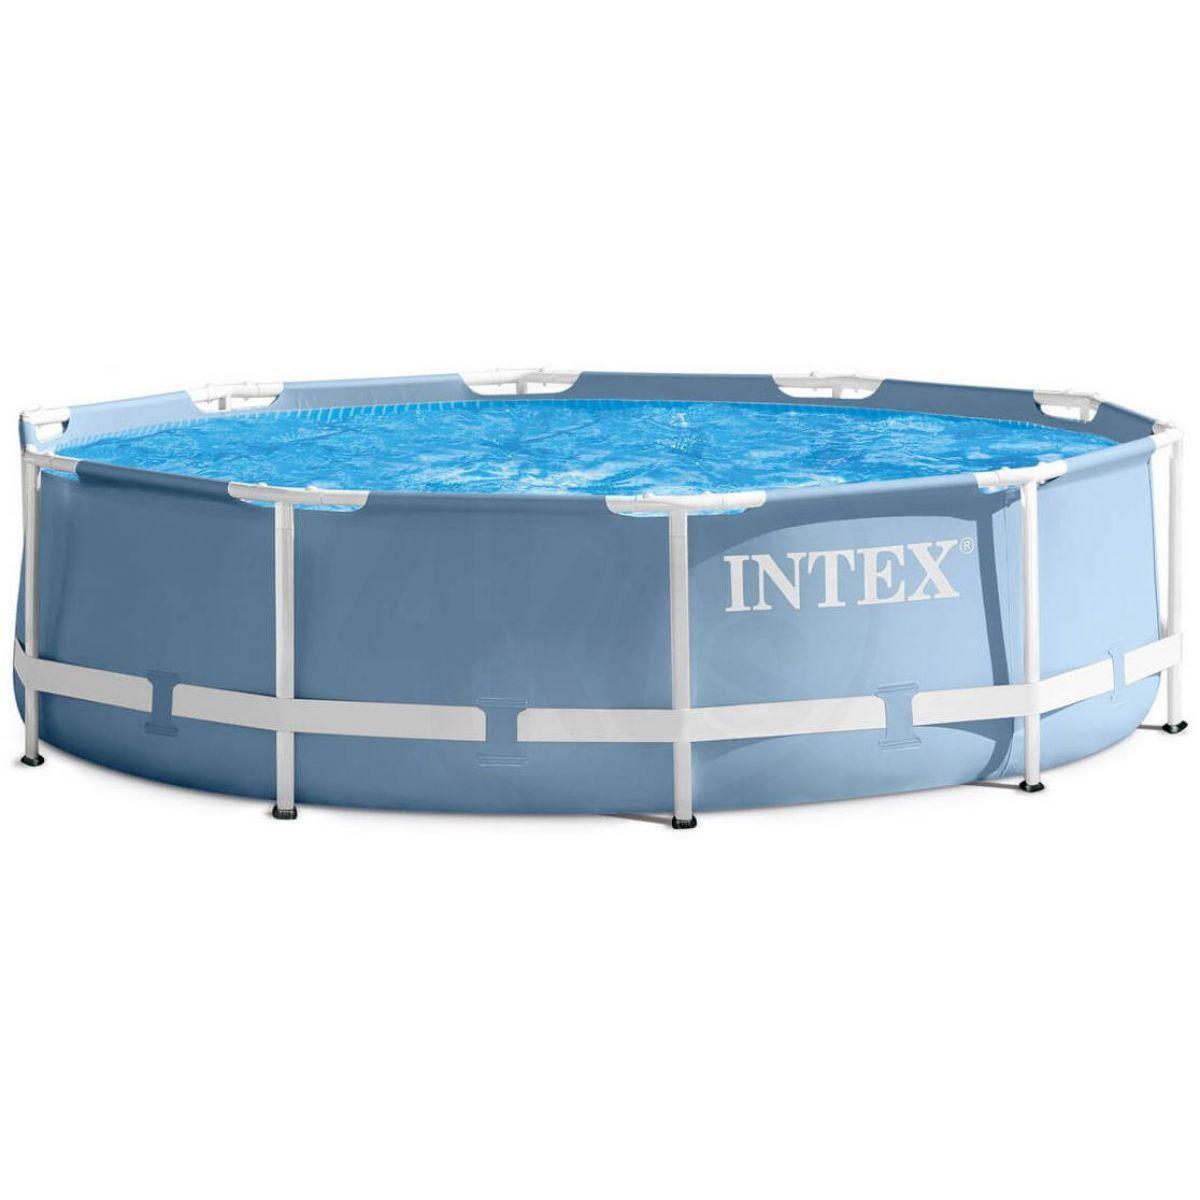 Intex 26752 Bazén kruhový s rámem Prism frame 5,49 x 1,22 m